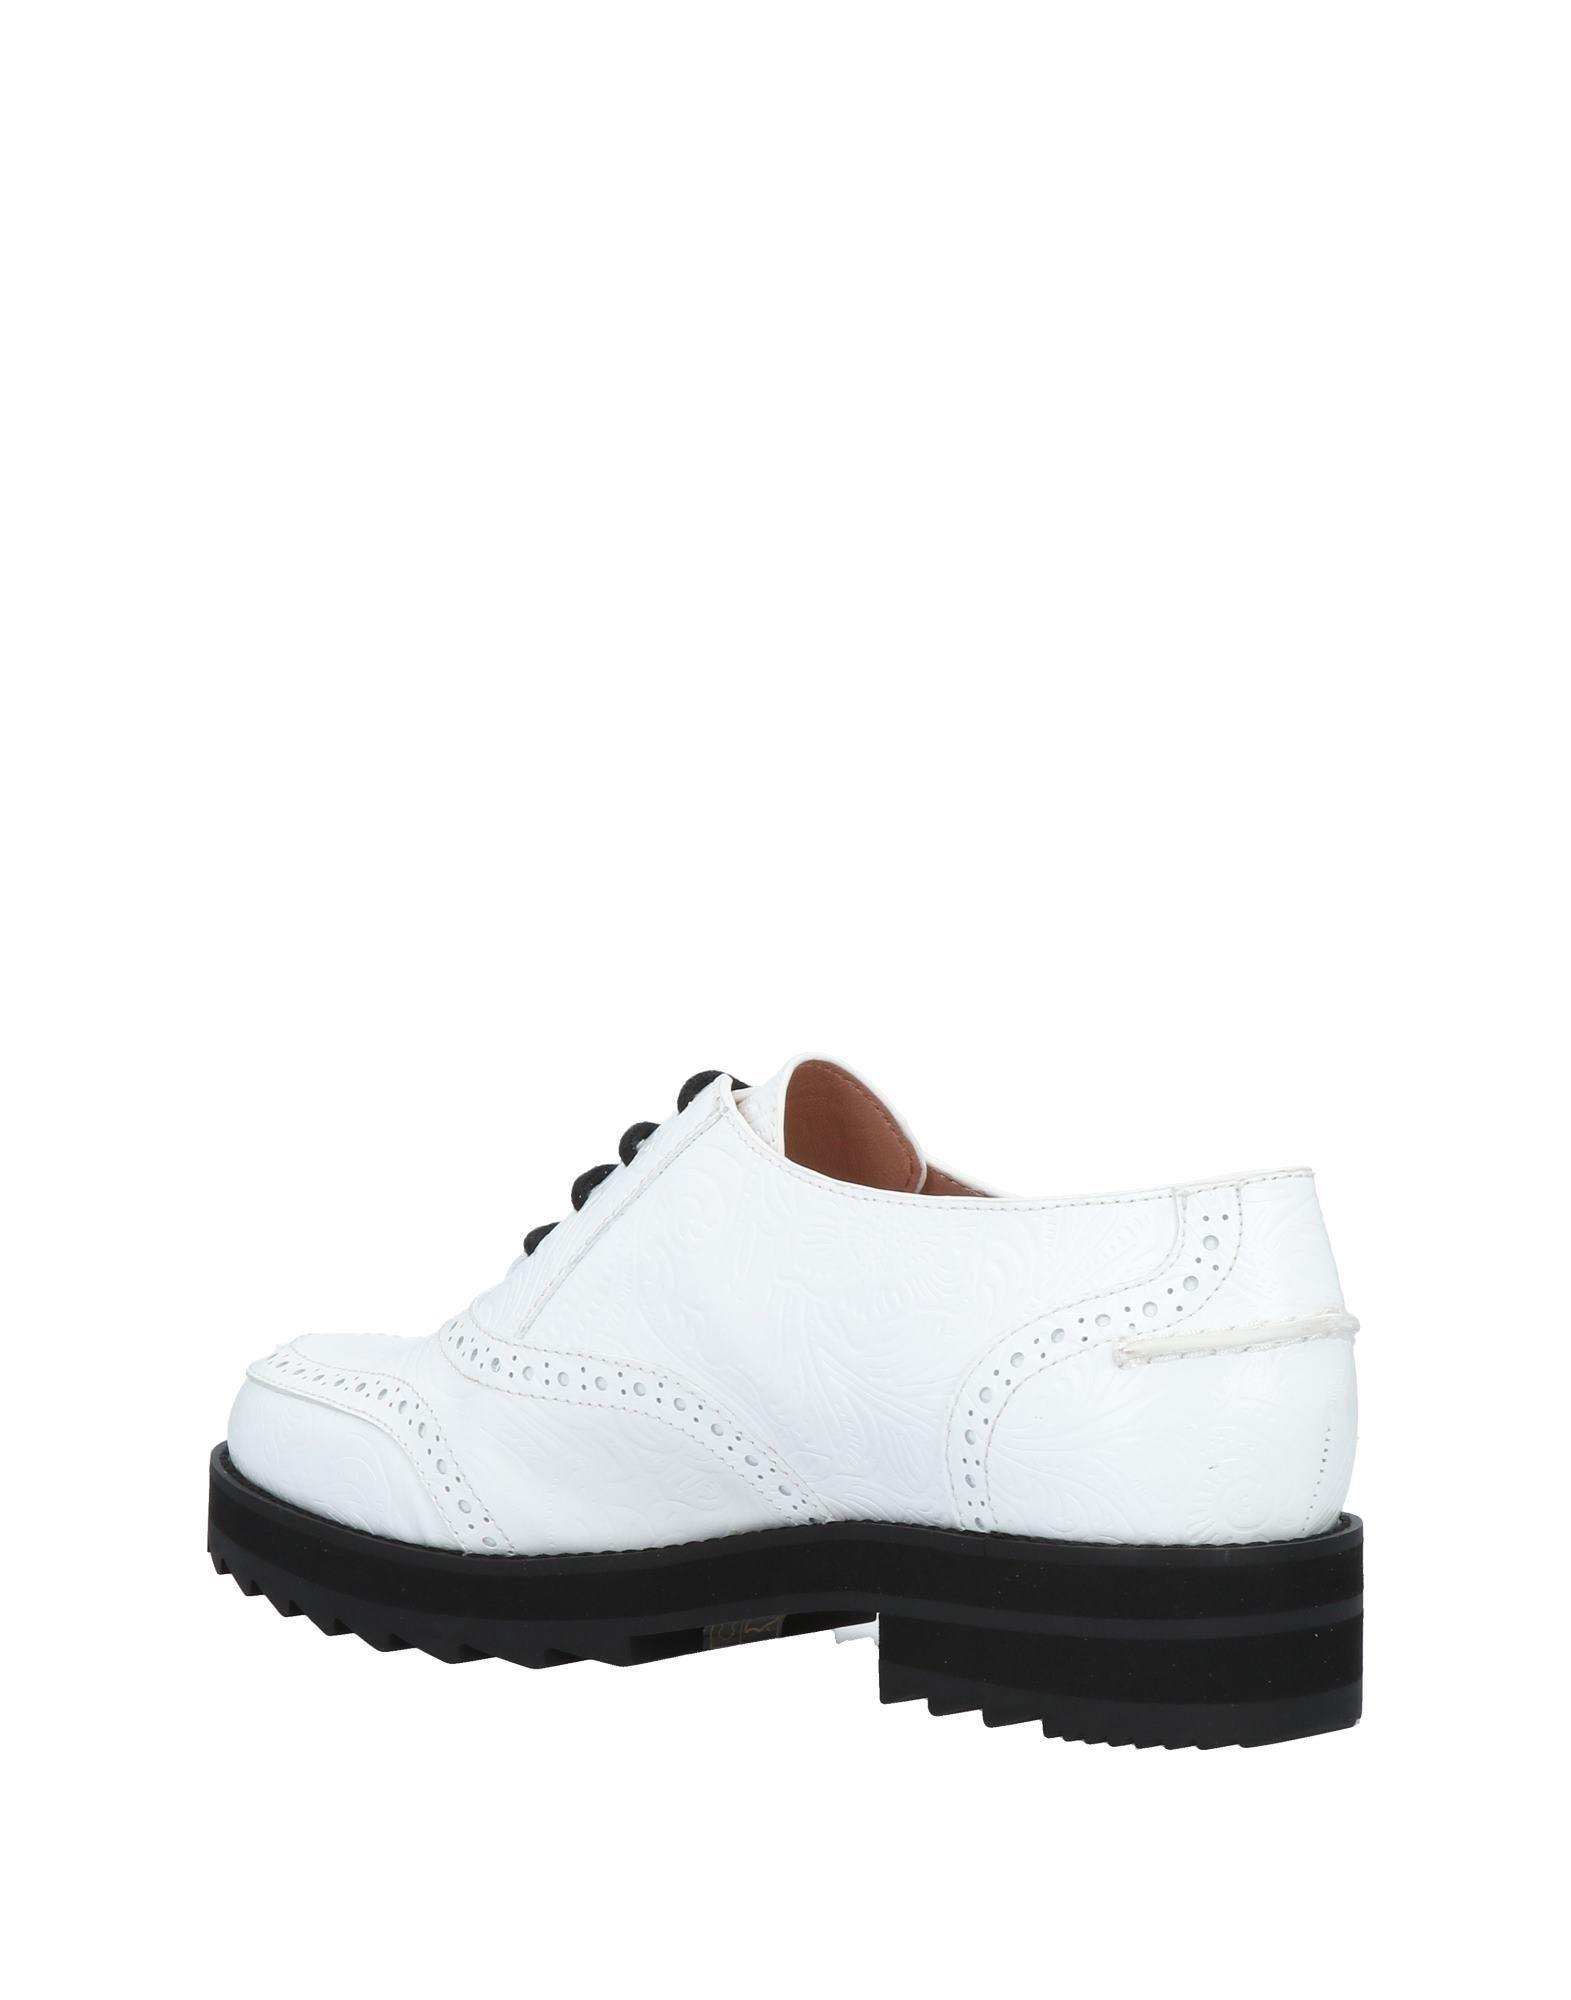 Lyst - Chaussures à lacets Jil Sander Navy en coloris Blanc 43a643e9bbe6